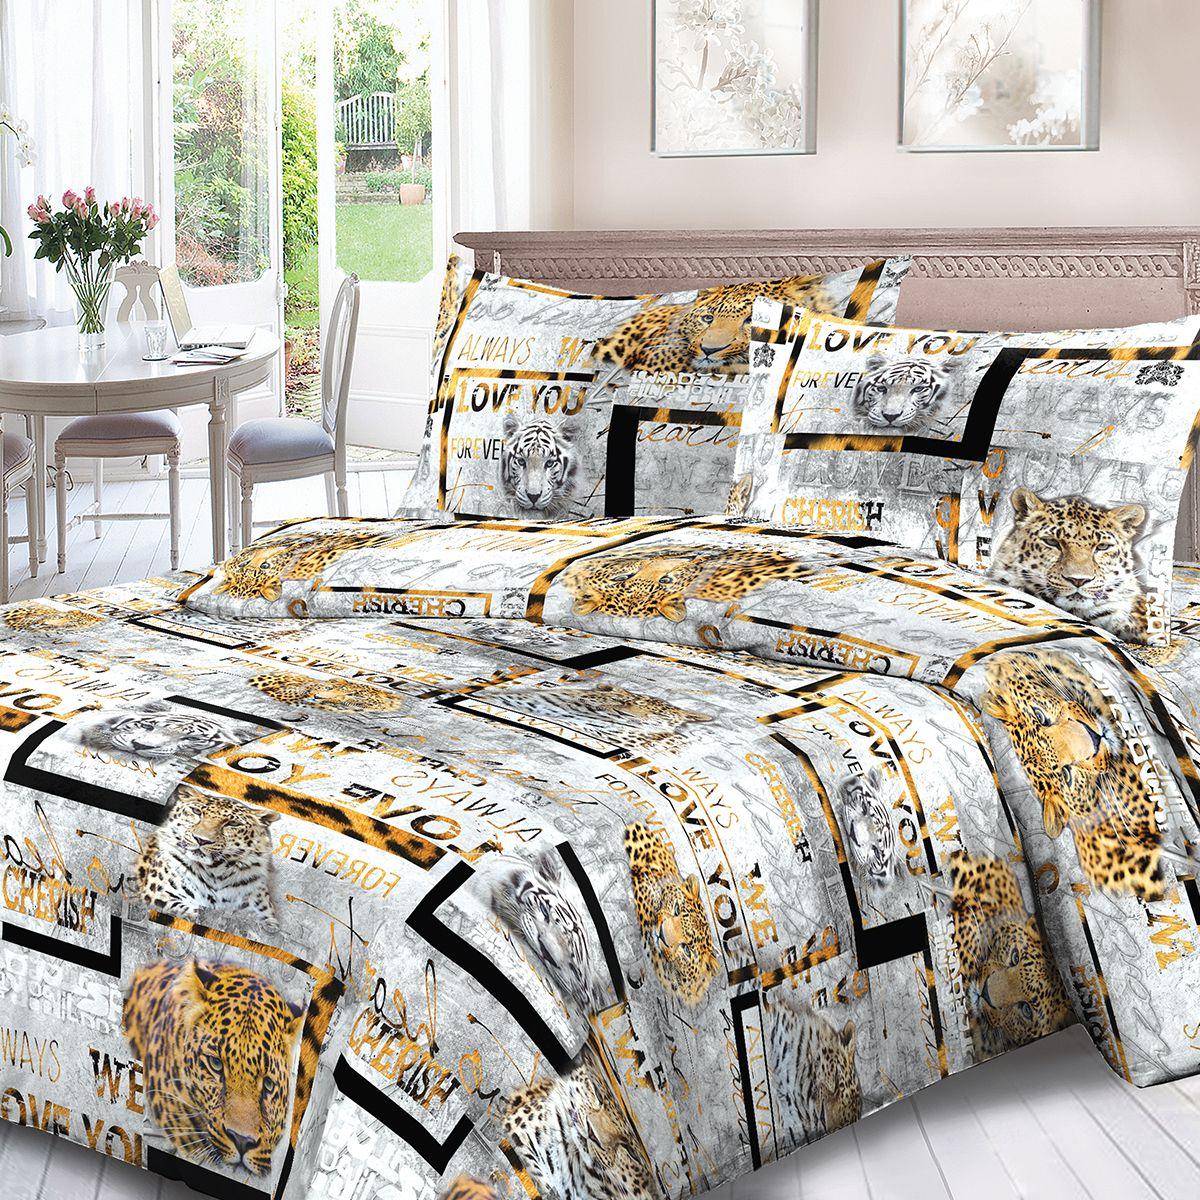 Комплект белья Для Снов Амурский тигр, 2-спальное, наволочки 70x70, цвет: серый86458Постельное белье из высококачественного поплина ( Ткань Традиция) , в составе которого находится только 100% мерсеризованный хлопок - это идеальный выбор современной женщины. Мерсеризация подчеркивает лучшие свойства хлопка:- Ткань прочнее обычной, при этом мягкая и шелковистая;- Цвета яркие и устойчивые;- Высокая гигроскопичность;- Меньше мнется, не линяет и не садится при многократных стирках;При производстве используются только безопасные красители ведущего швейцарского производителя BEZEMAКоллекция отличается тщательно проработанными современными дизайнами, разделенными на тематические группы. Созданные талантливыми европейскими и российскими художниками, они поражают своей нежной красотой, а восхитительная упаковка придает комплекту подарочный вид. Плотность ткани: 110 г/м.кв.